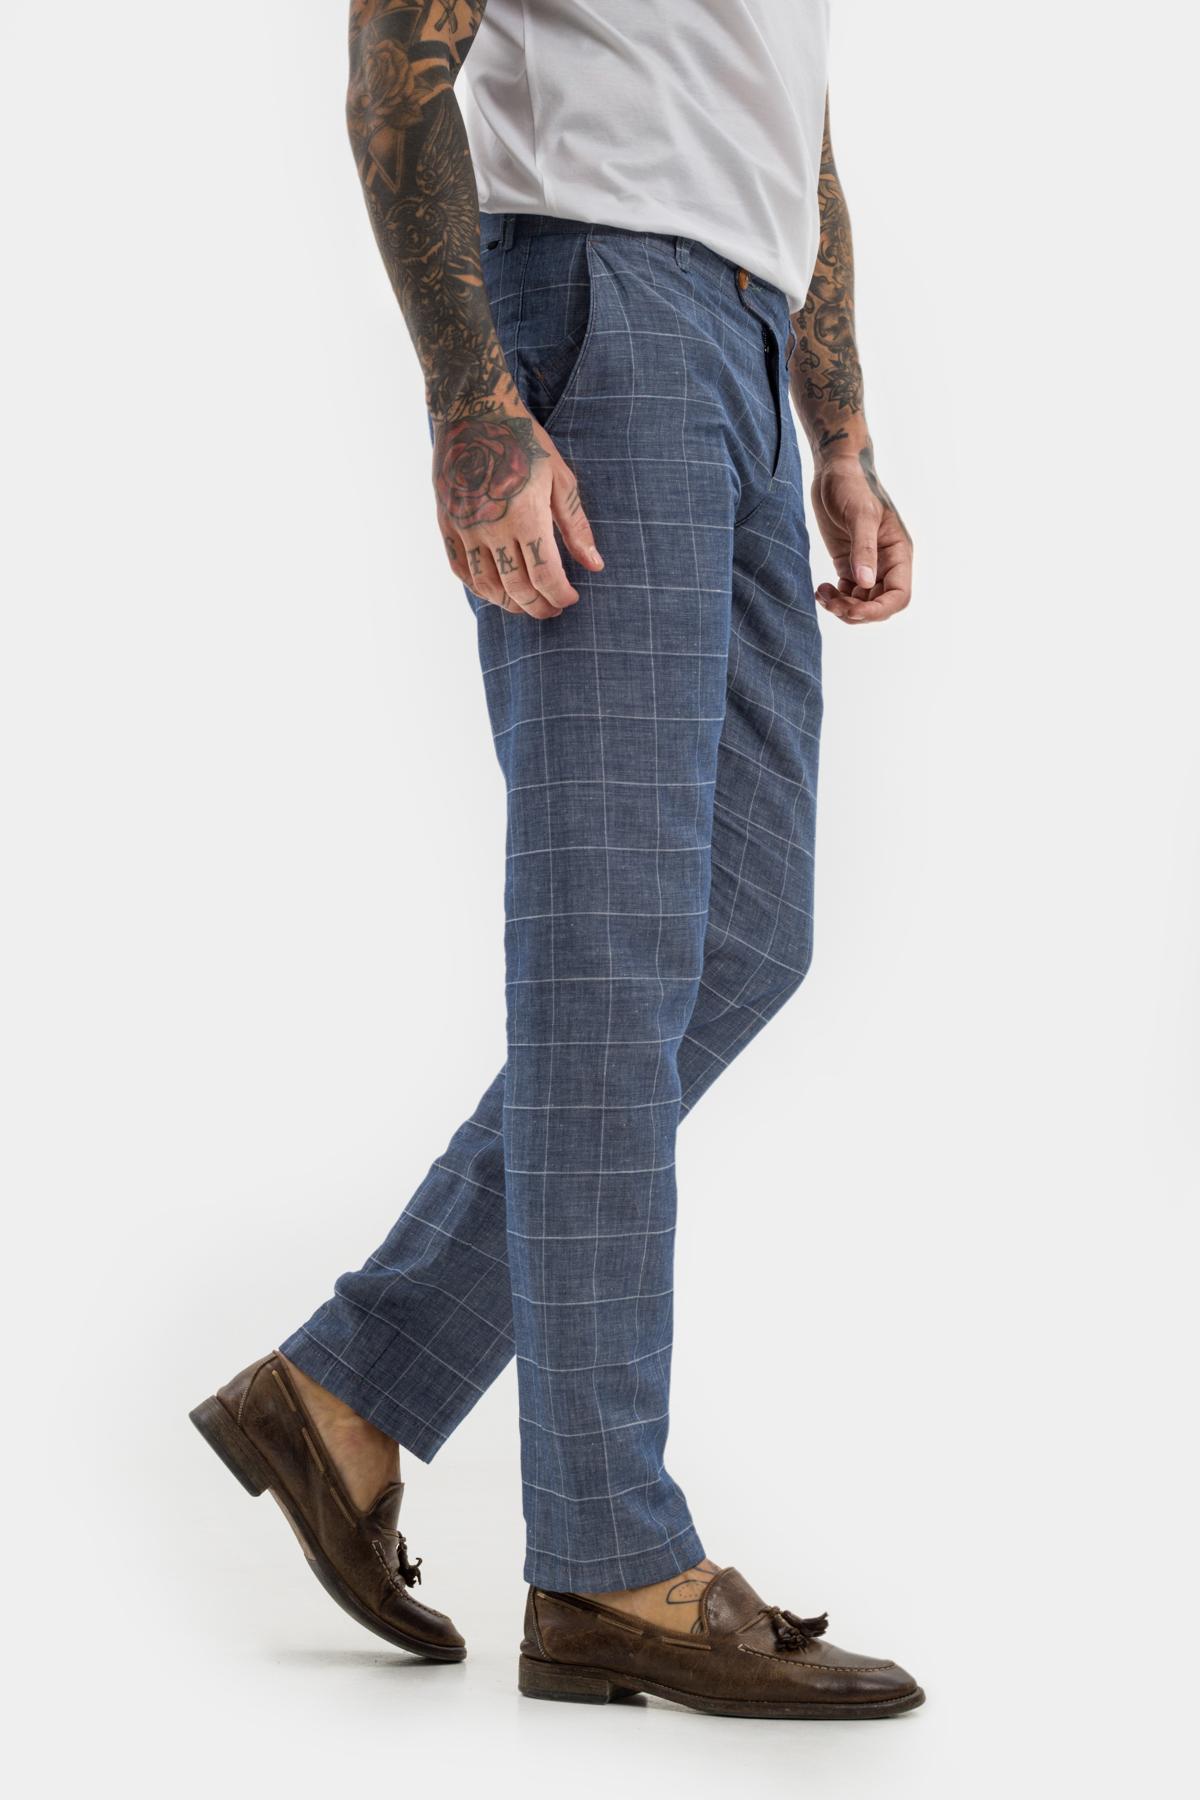 Зауженные брюки «chinos»,  из  хлопка в клетку.  Vaismann  21514